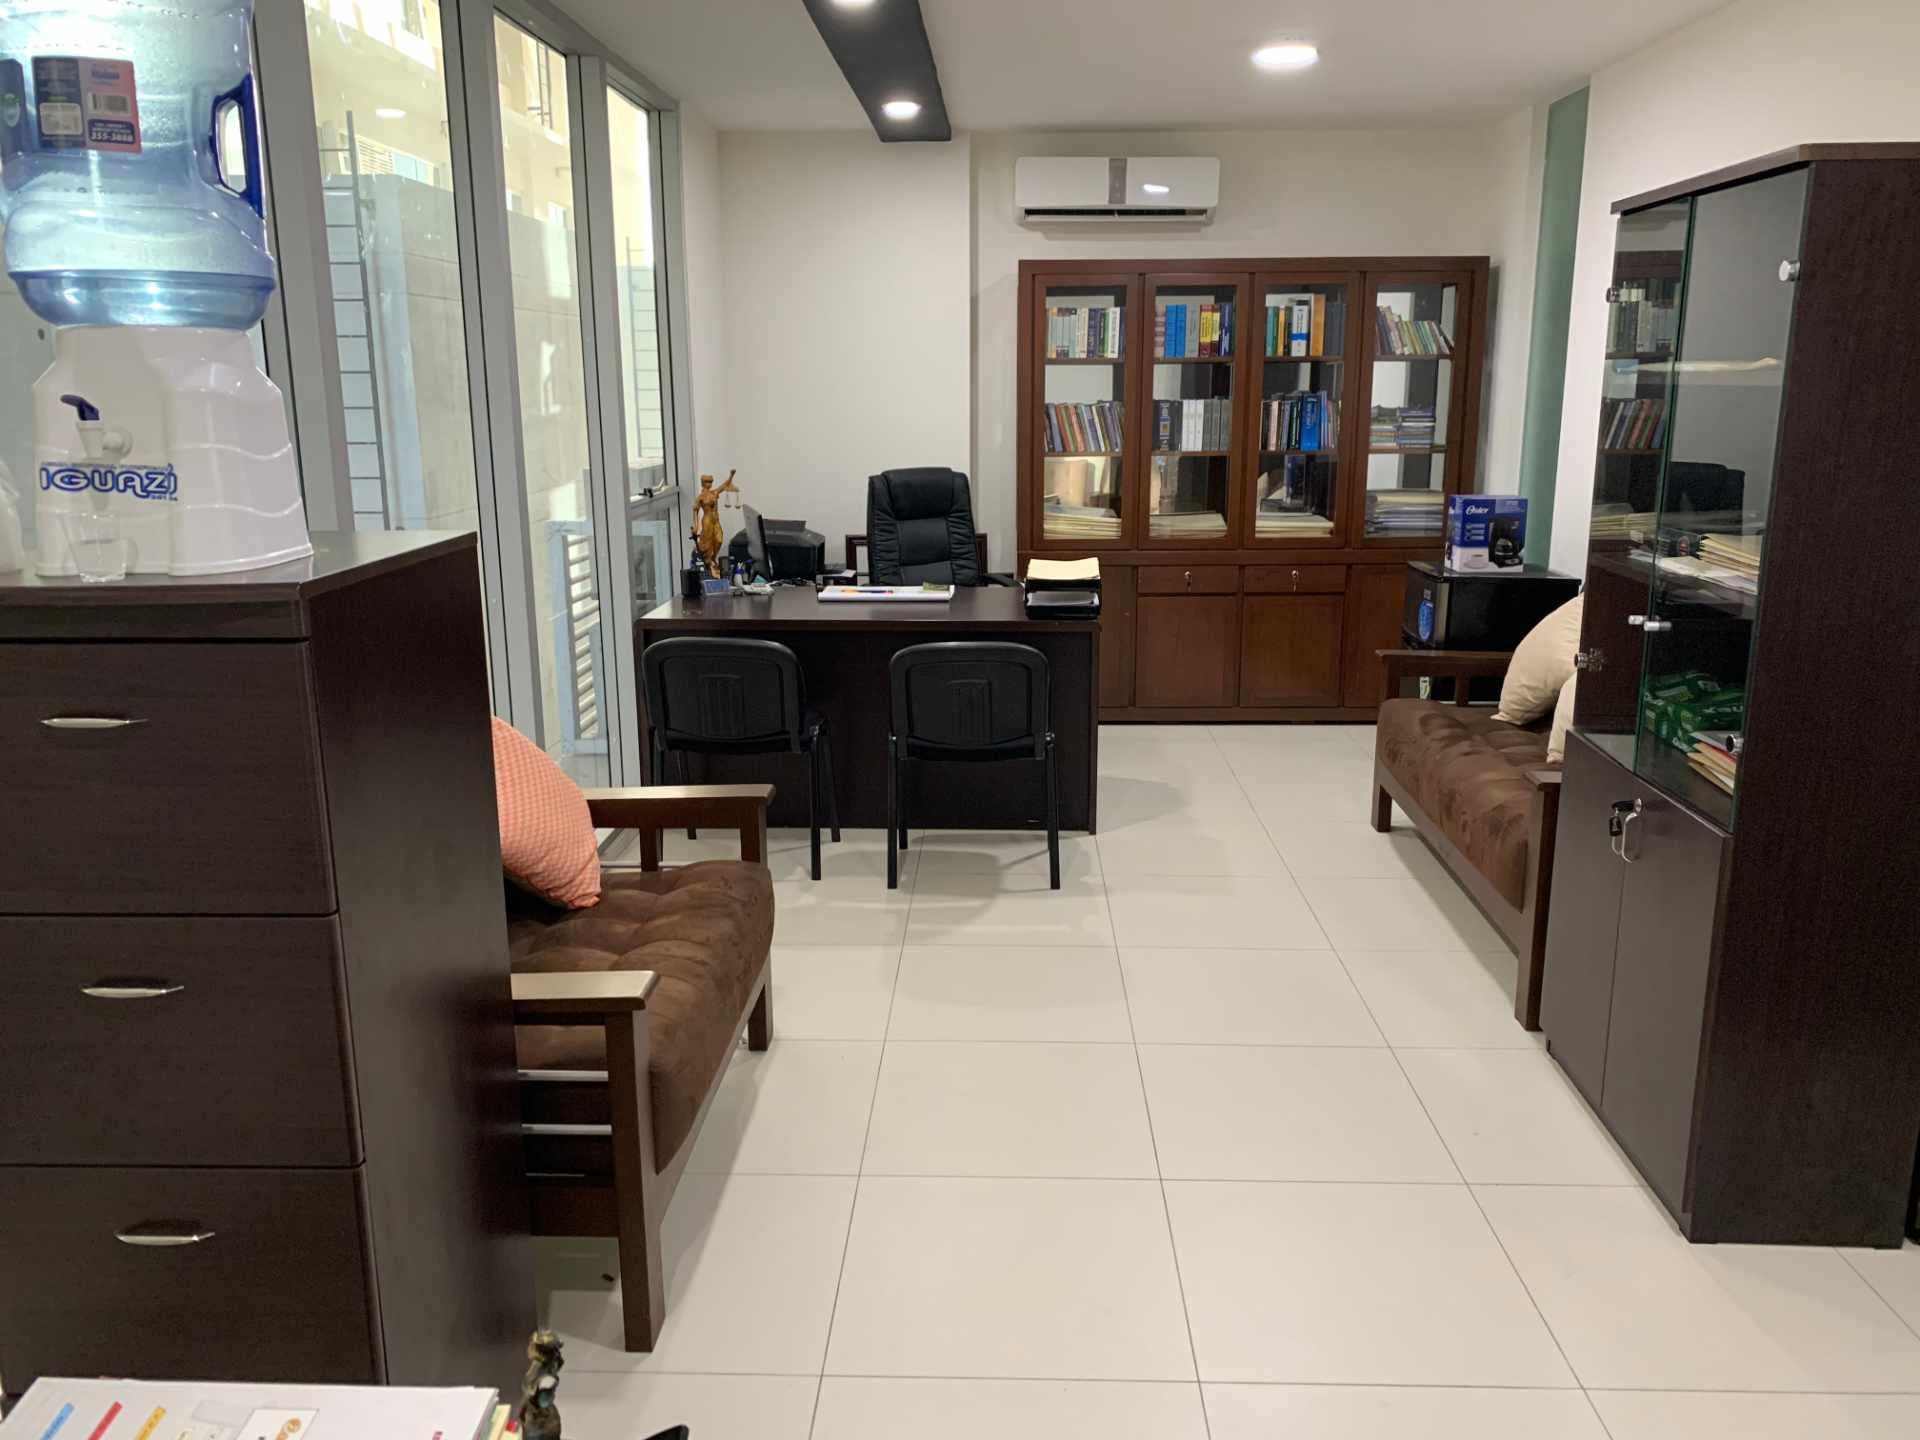 Oficina en Venta Calle Beni entre 1er y 2do Anillo Foto 2